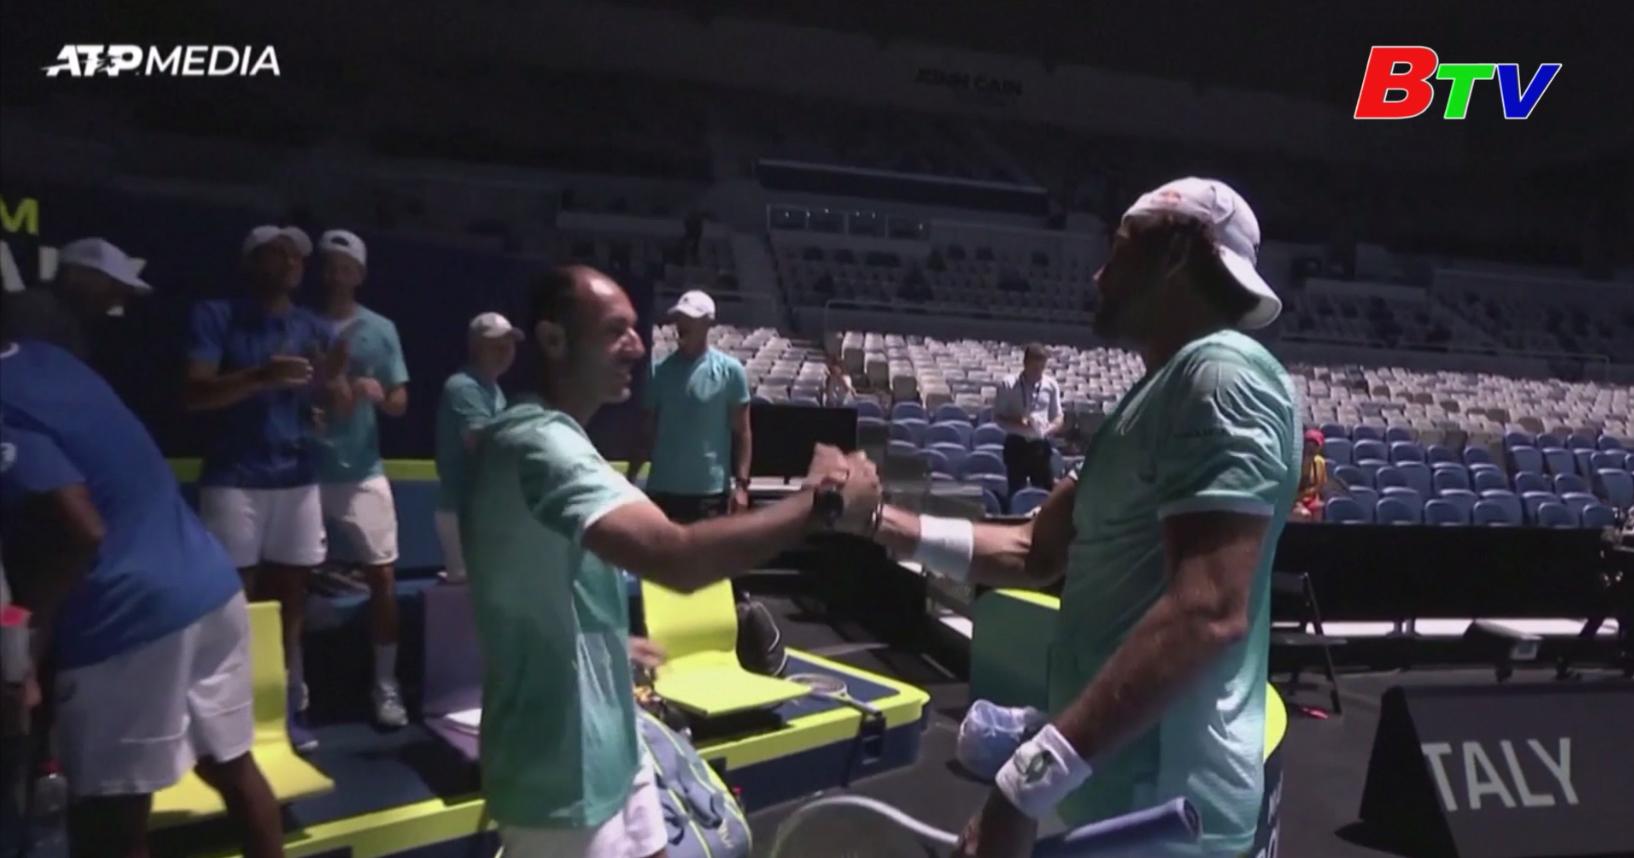 Tuyển Italia vào bán kết Giải quần vợt ATP Cup 2021